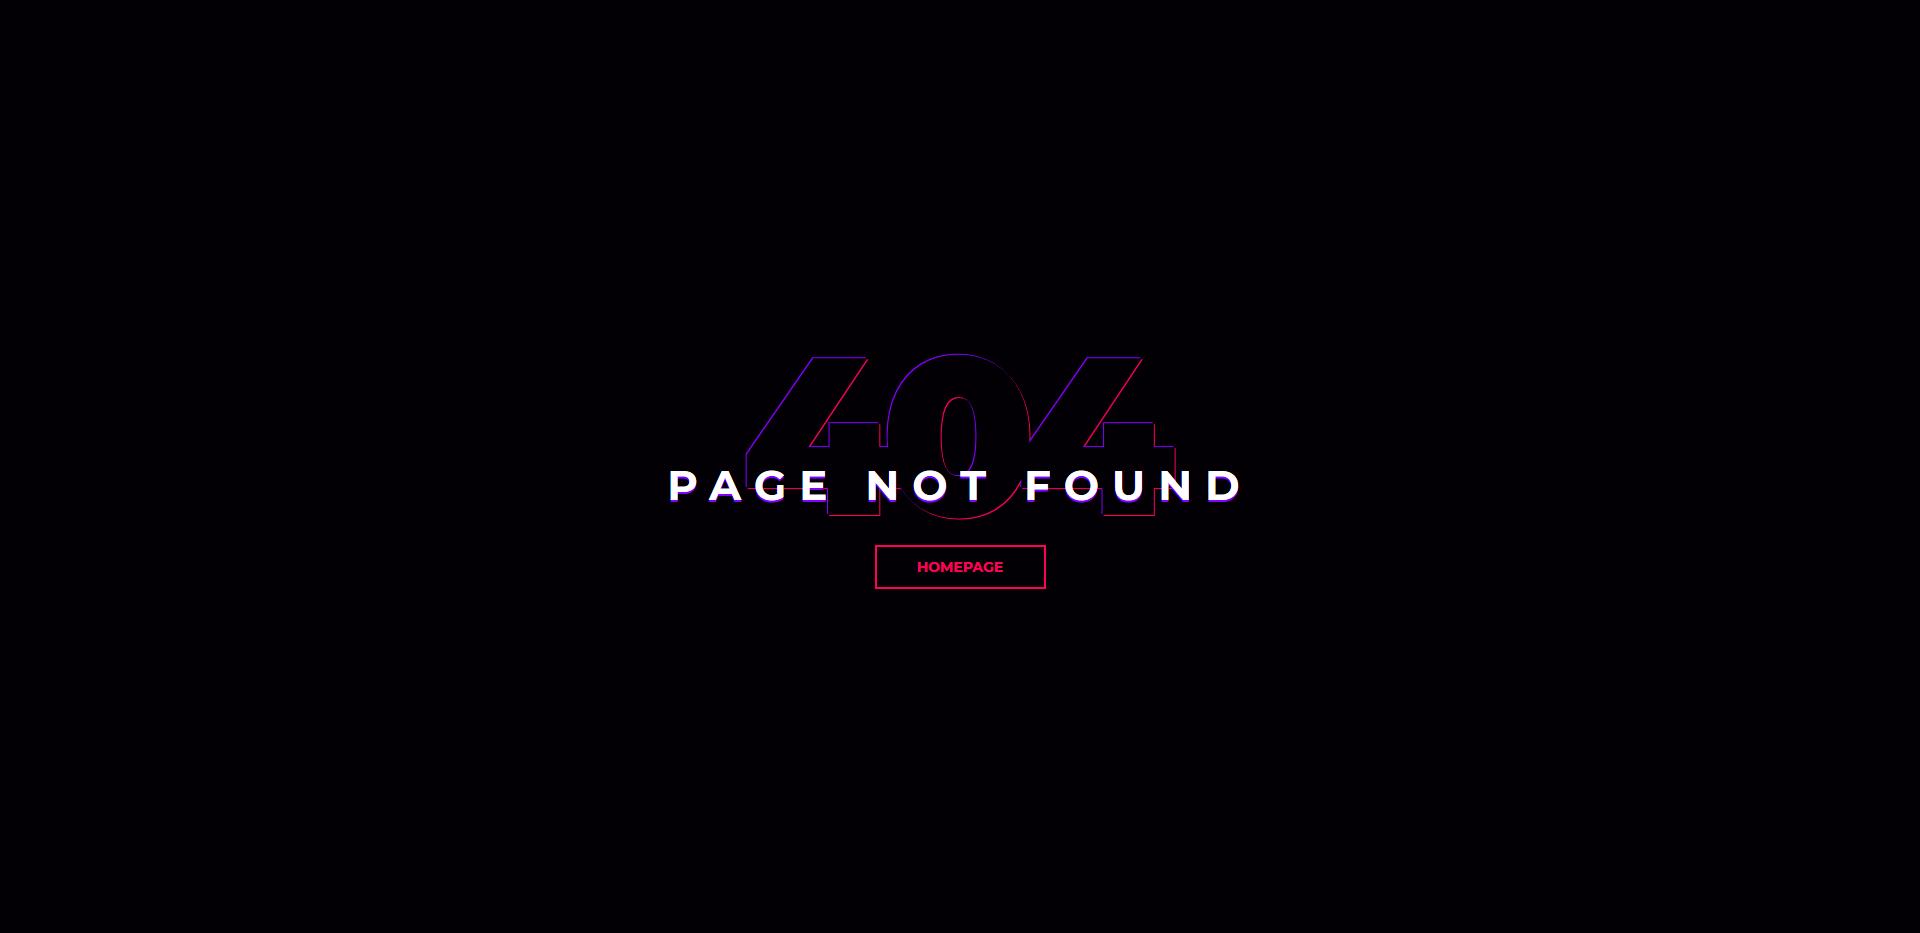 www black page